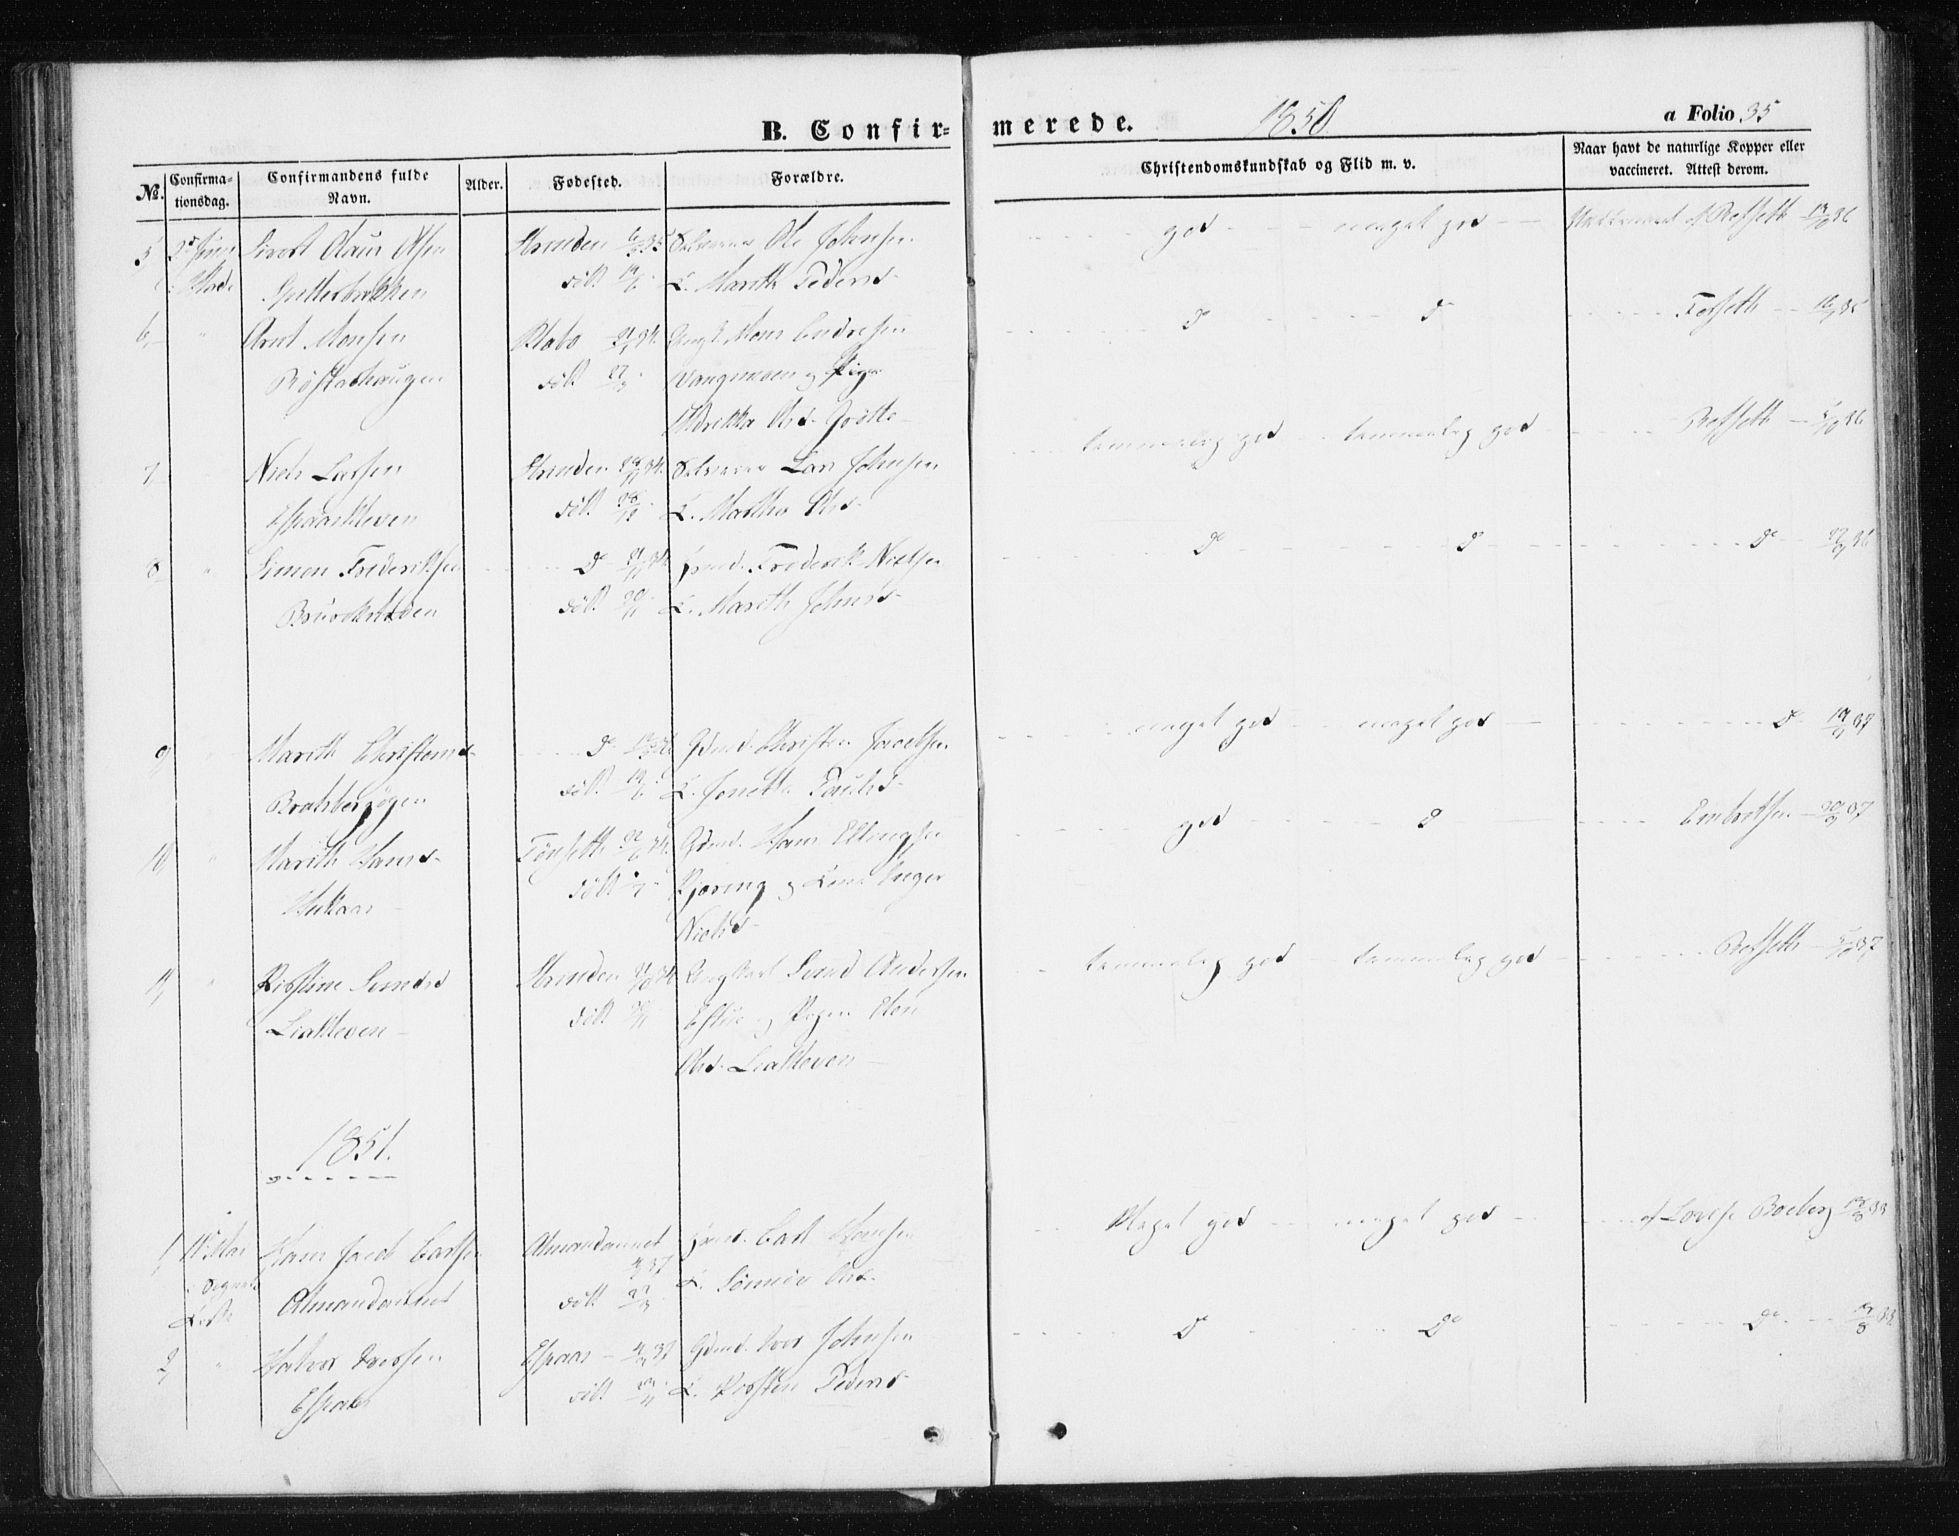 SAT, Ministerialprotokoller, klokkerbøker og fødselsregistre - Sør-Trøndelag, 608/L0332: Ministerialbok nr. 608A01, 1848-1861, s. 35